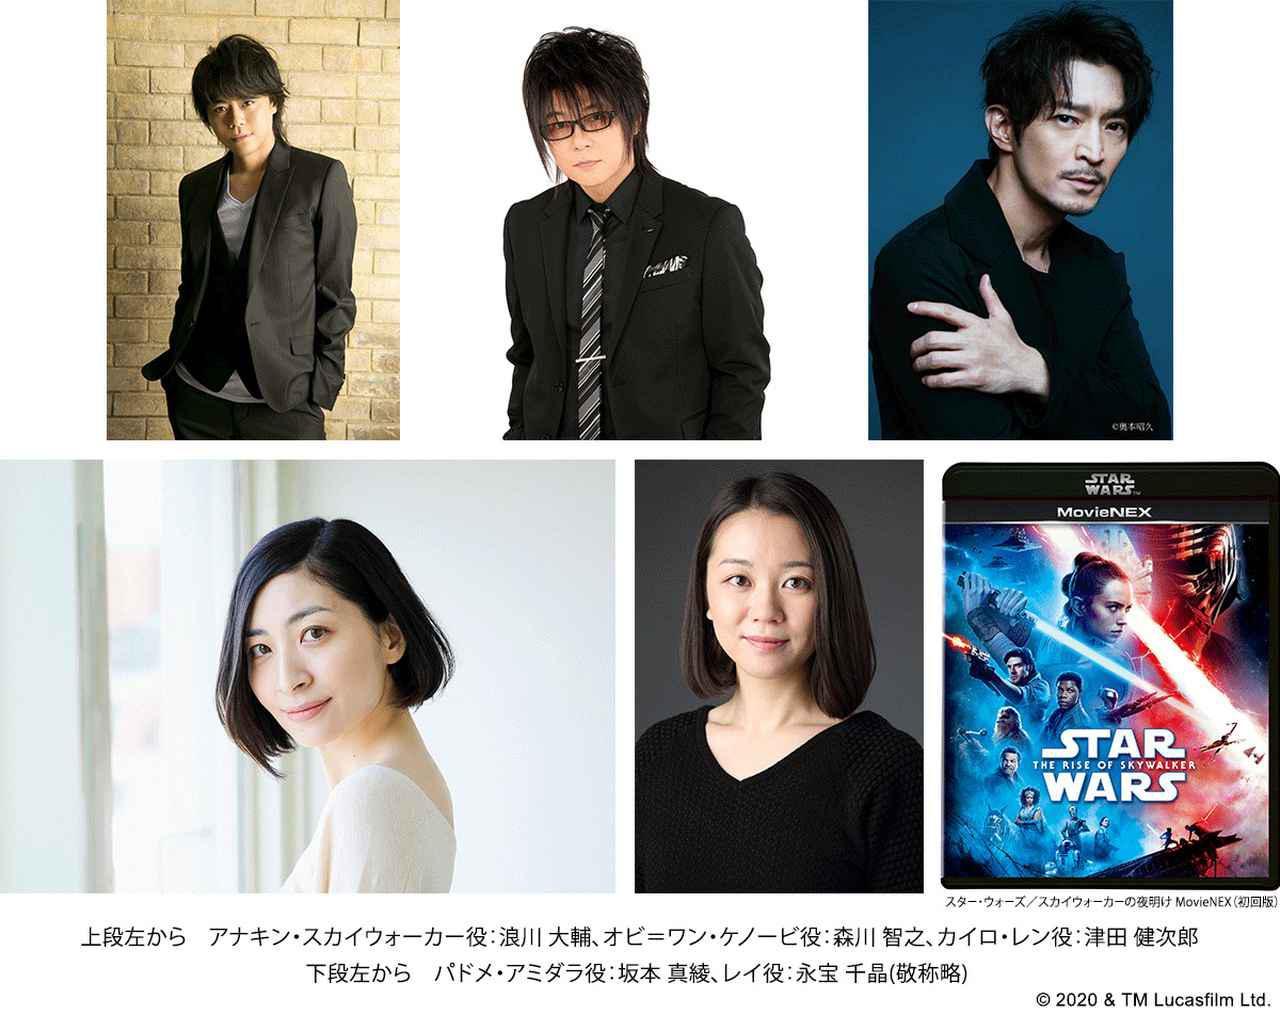 画像: 『スター・ウォーズ』ロスのファン必見!豪華日本版声優陣から激熱メッセージが到着 - SCREEN ONLINE(スクリーンオンライン)